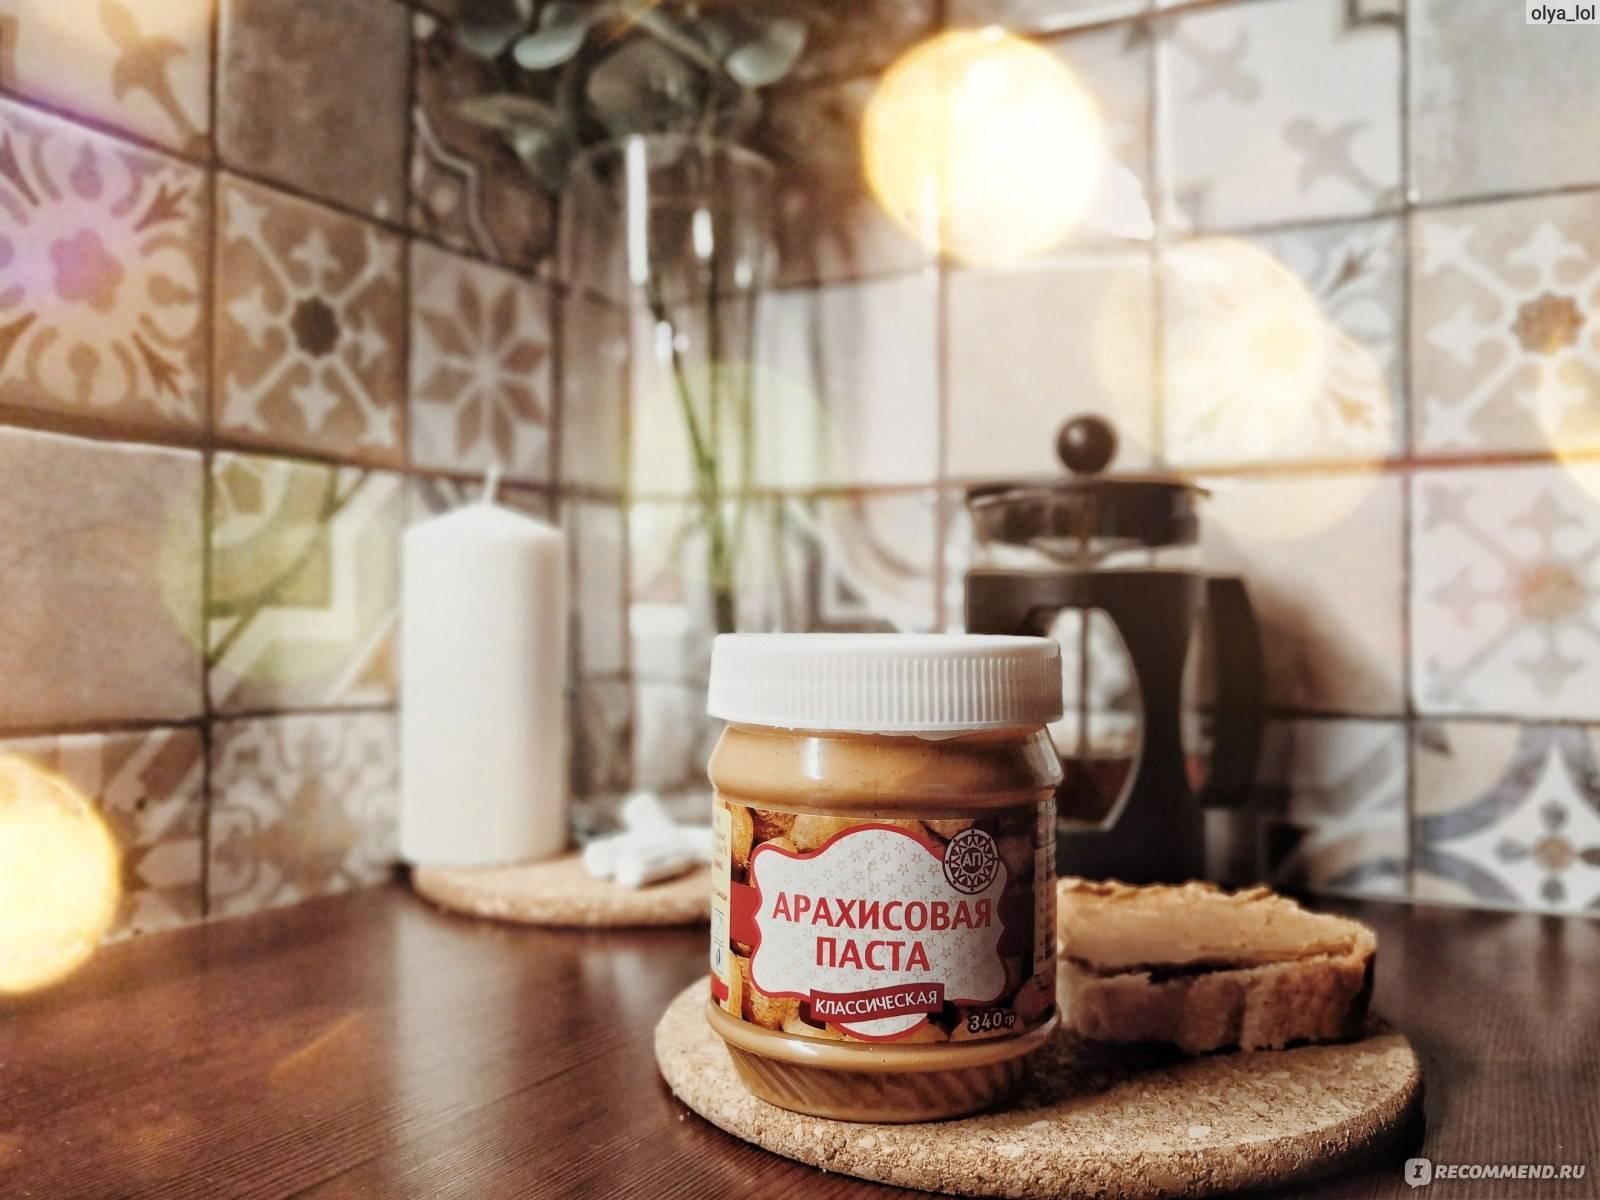 Арахисовая паста: рецепт приготовления, польза, вред, противопоказания | | женский журнал tatros.info